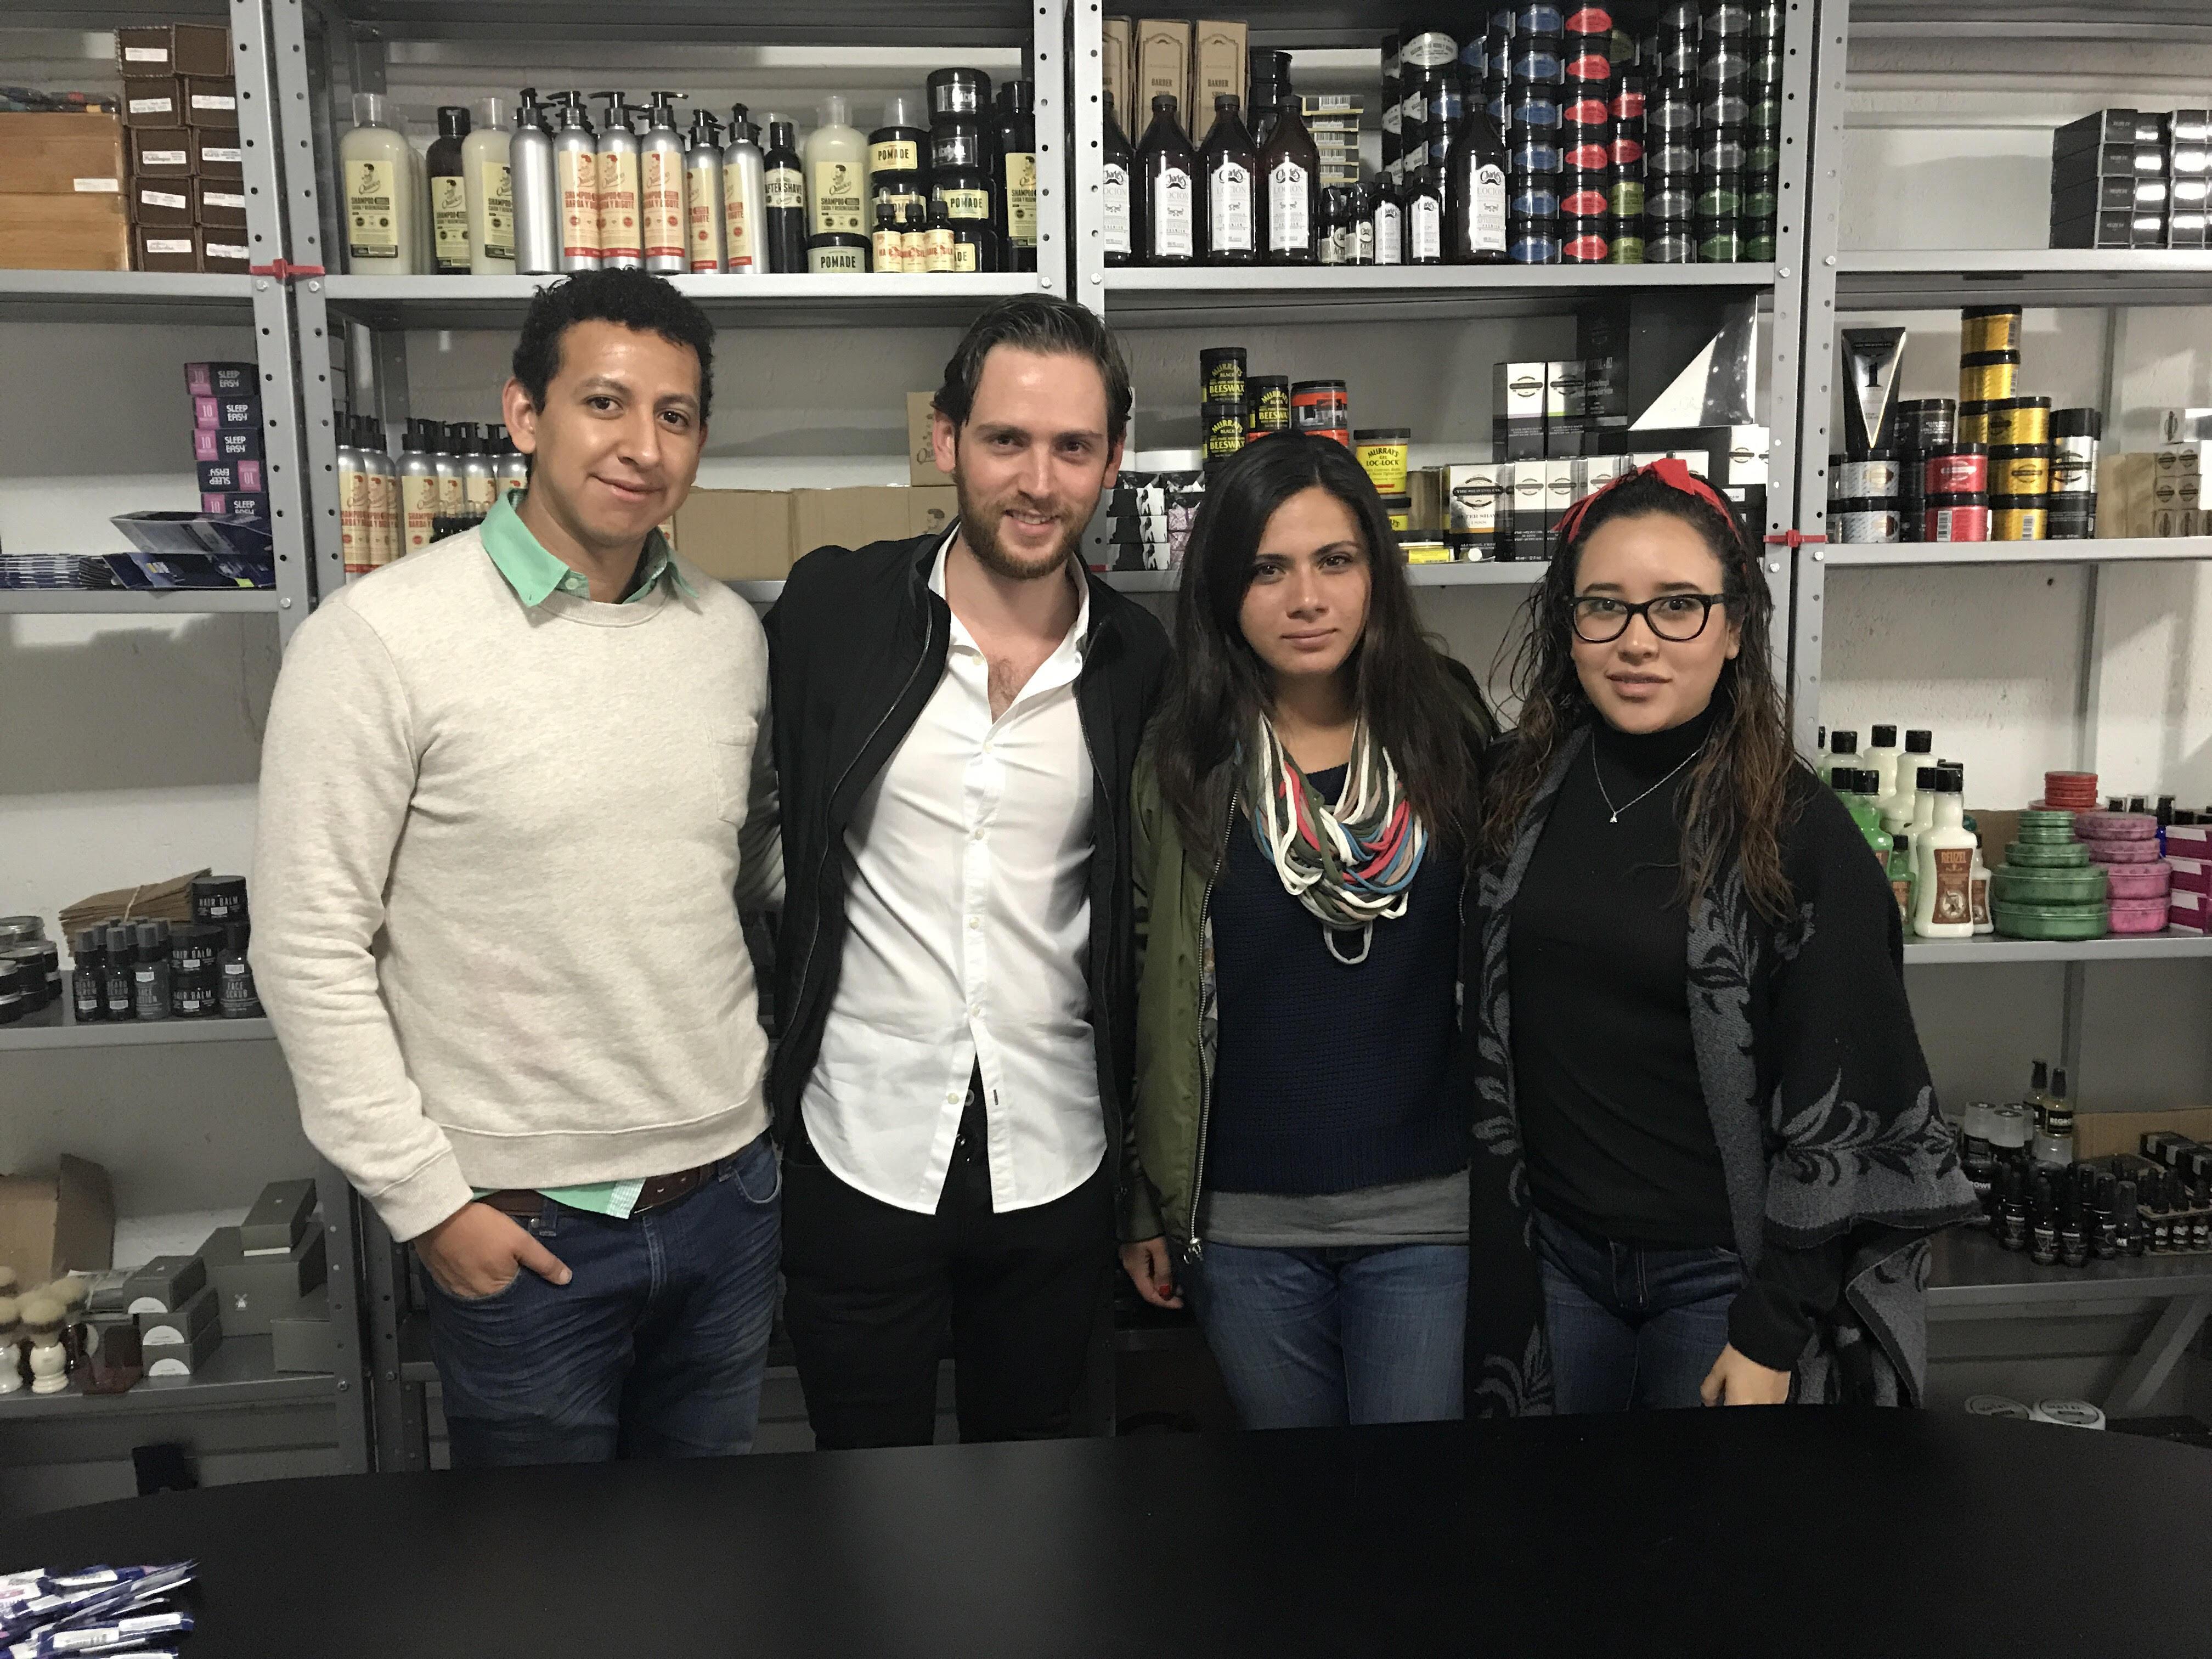 Entrevistamos a Alberto Guakil, fundador de BuenaBarba.com